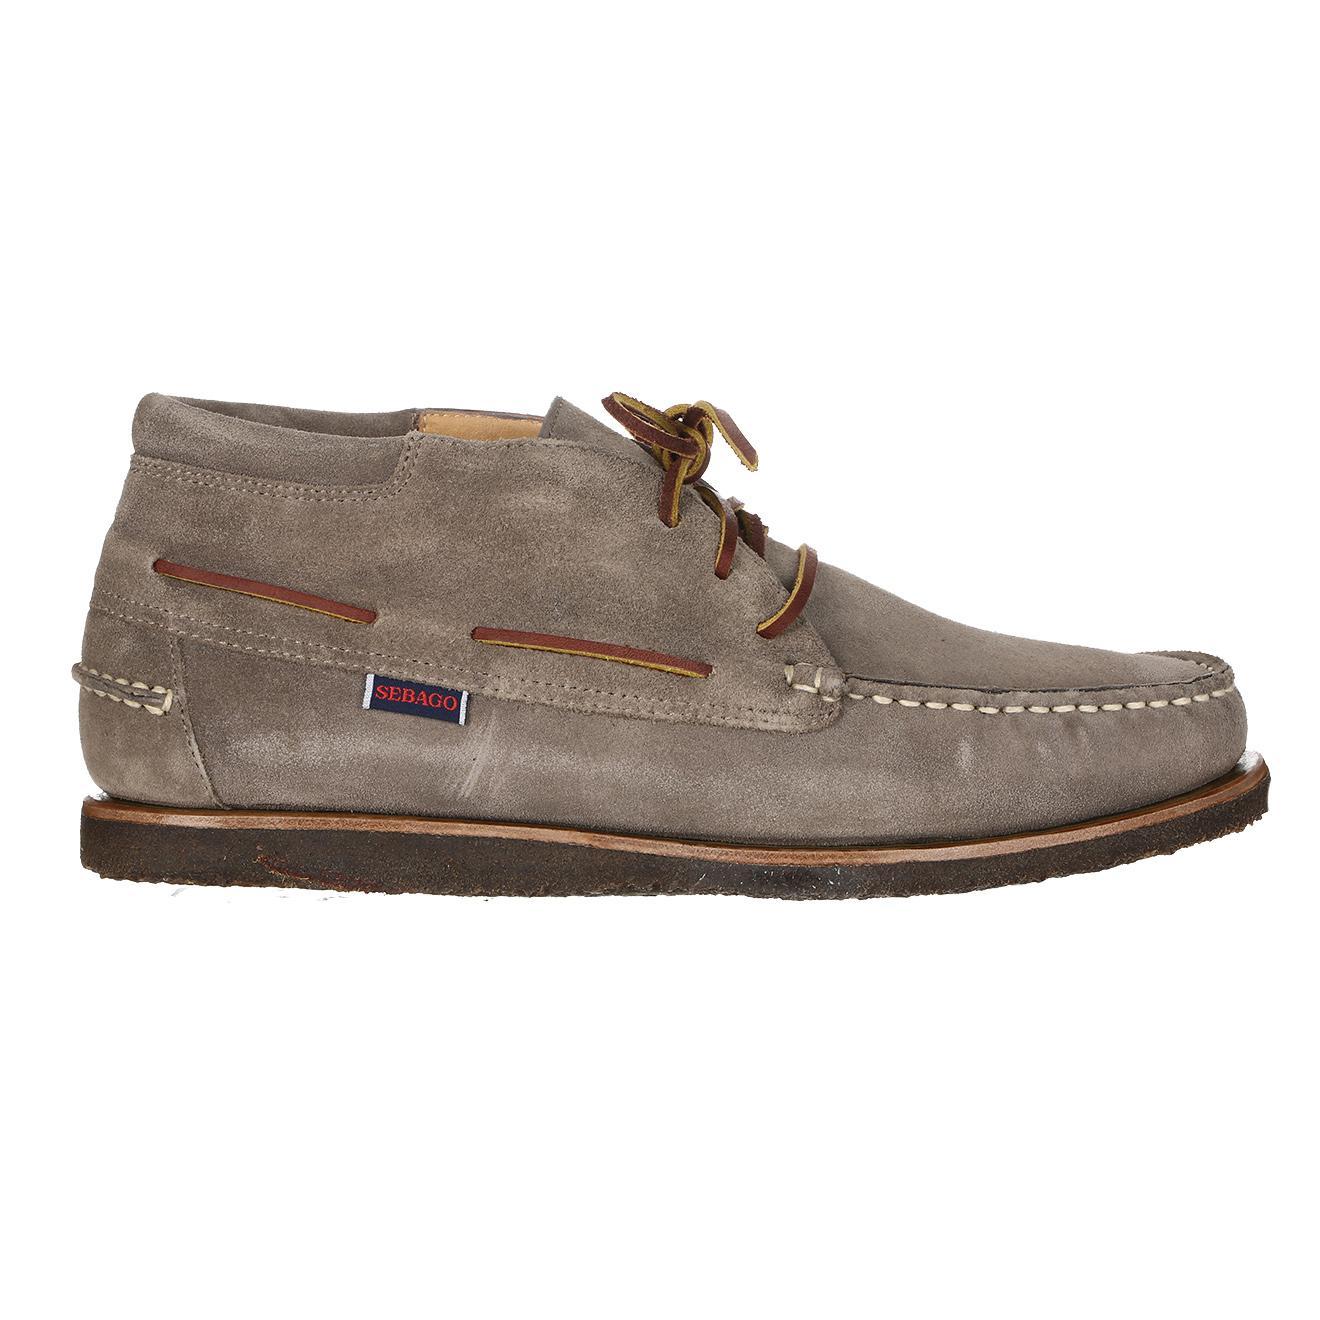 Chaussures Sebago modèle  Bateau en Velours de Cuir (taille 40 à 46)